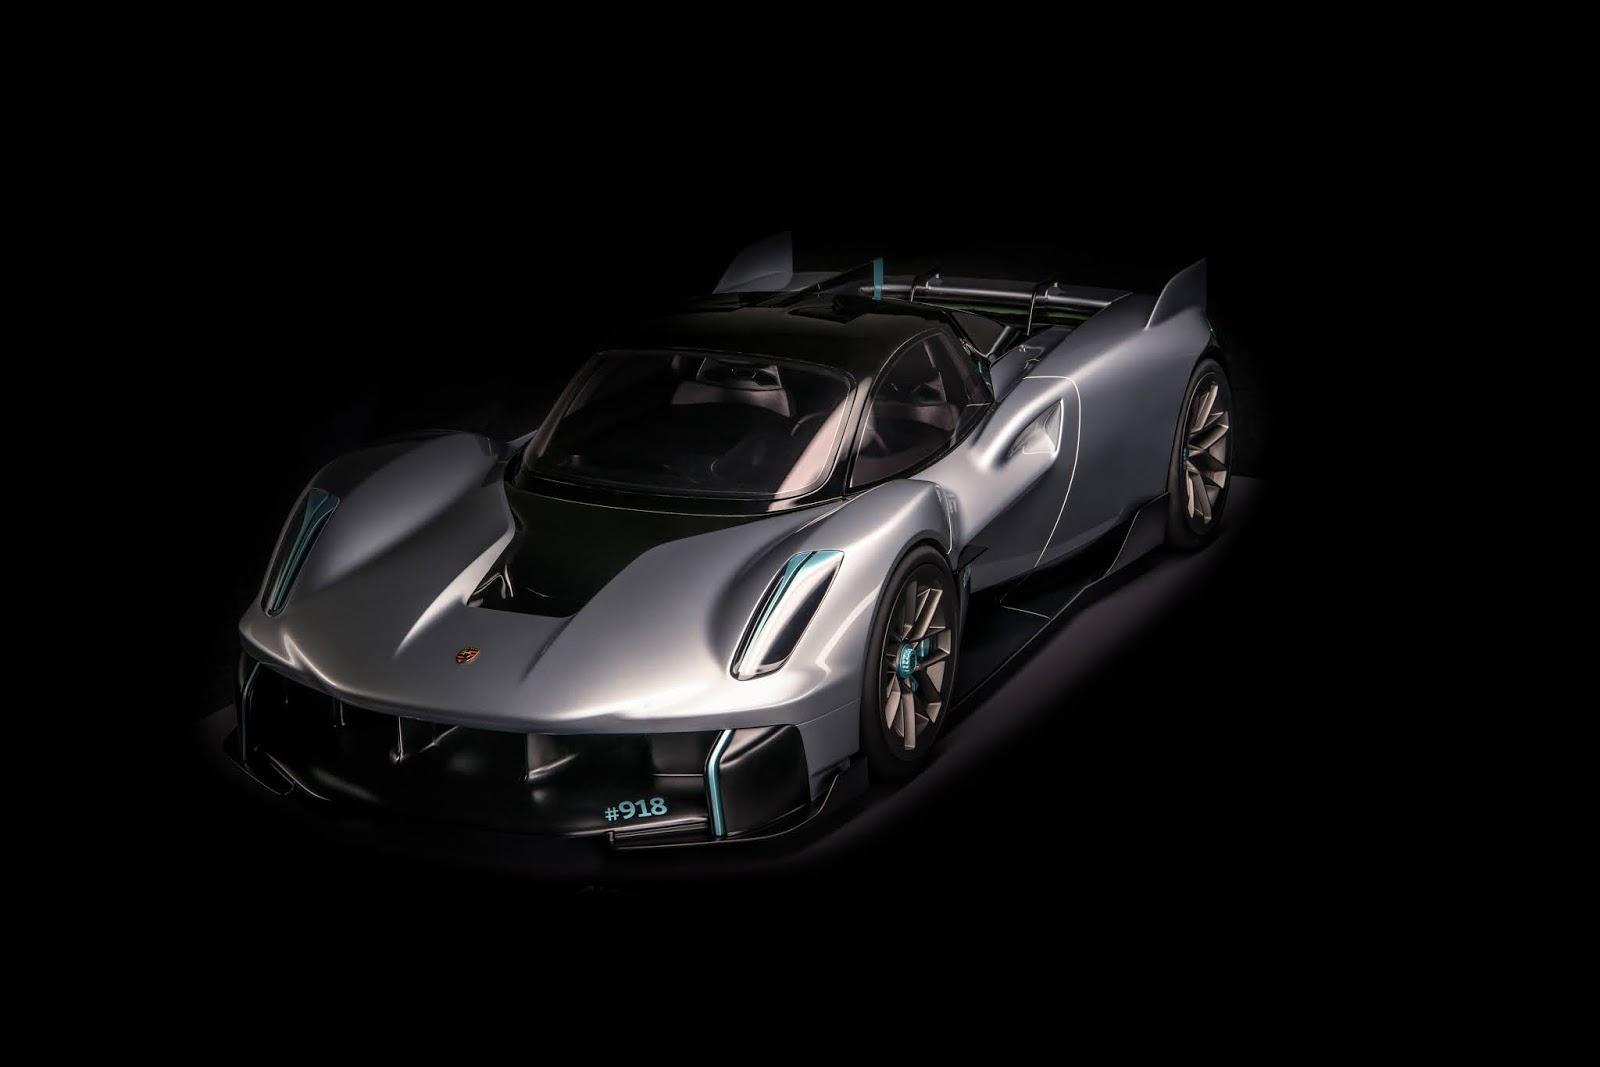 Capture0035 1 Τα άγνωστα Hypercars της Porsche hypercar, Porsche, Porsche Unseen, Sunday, supercar, supercars, zblog, ειδήσεις